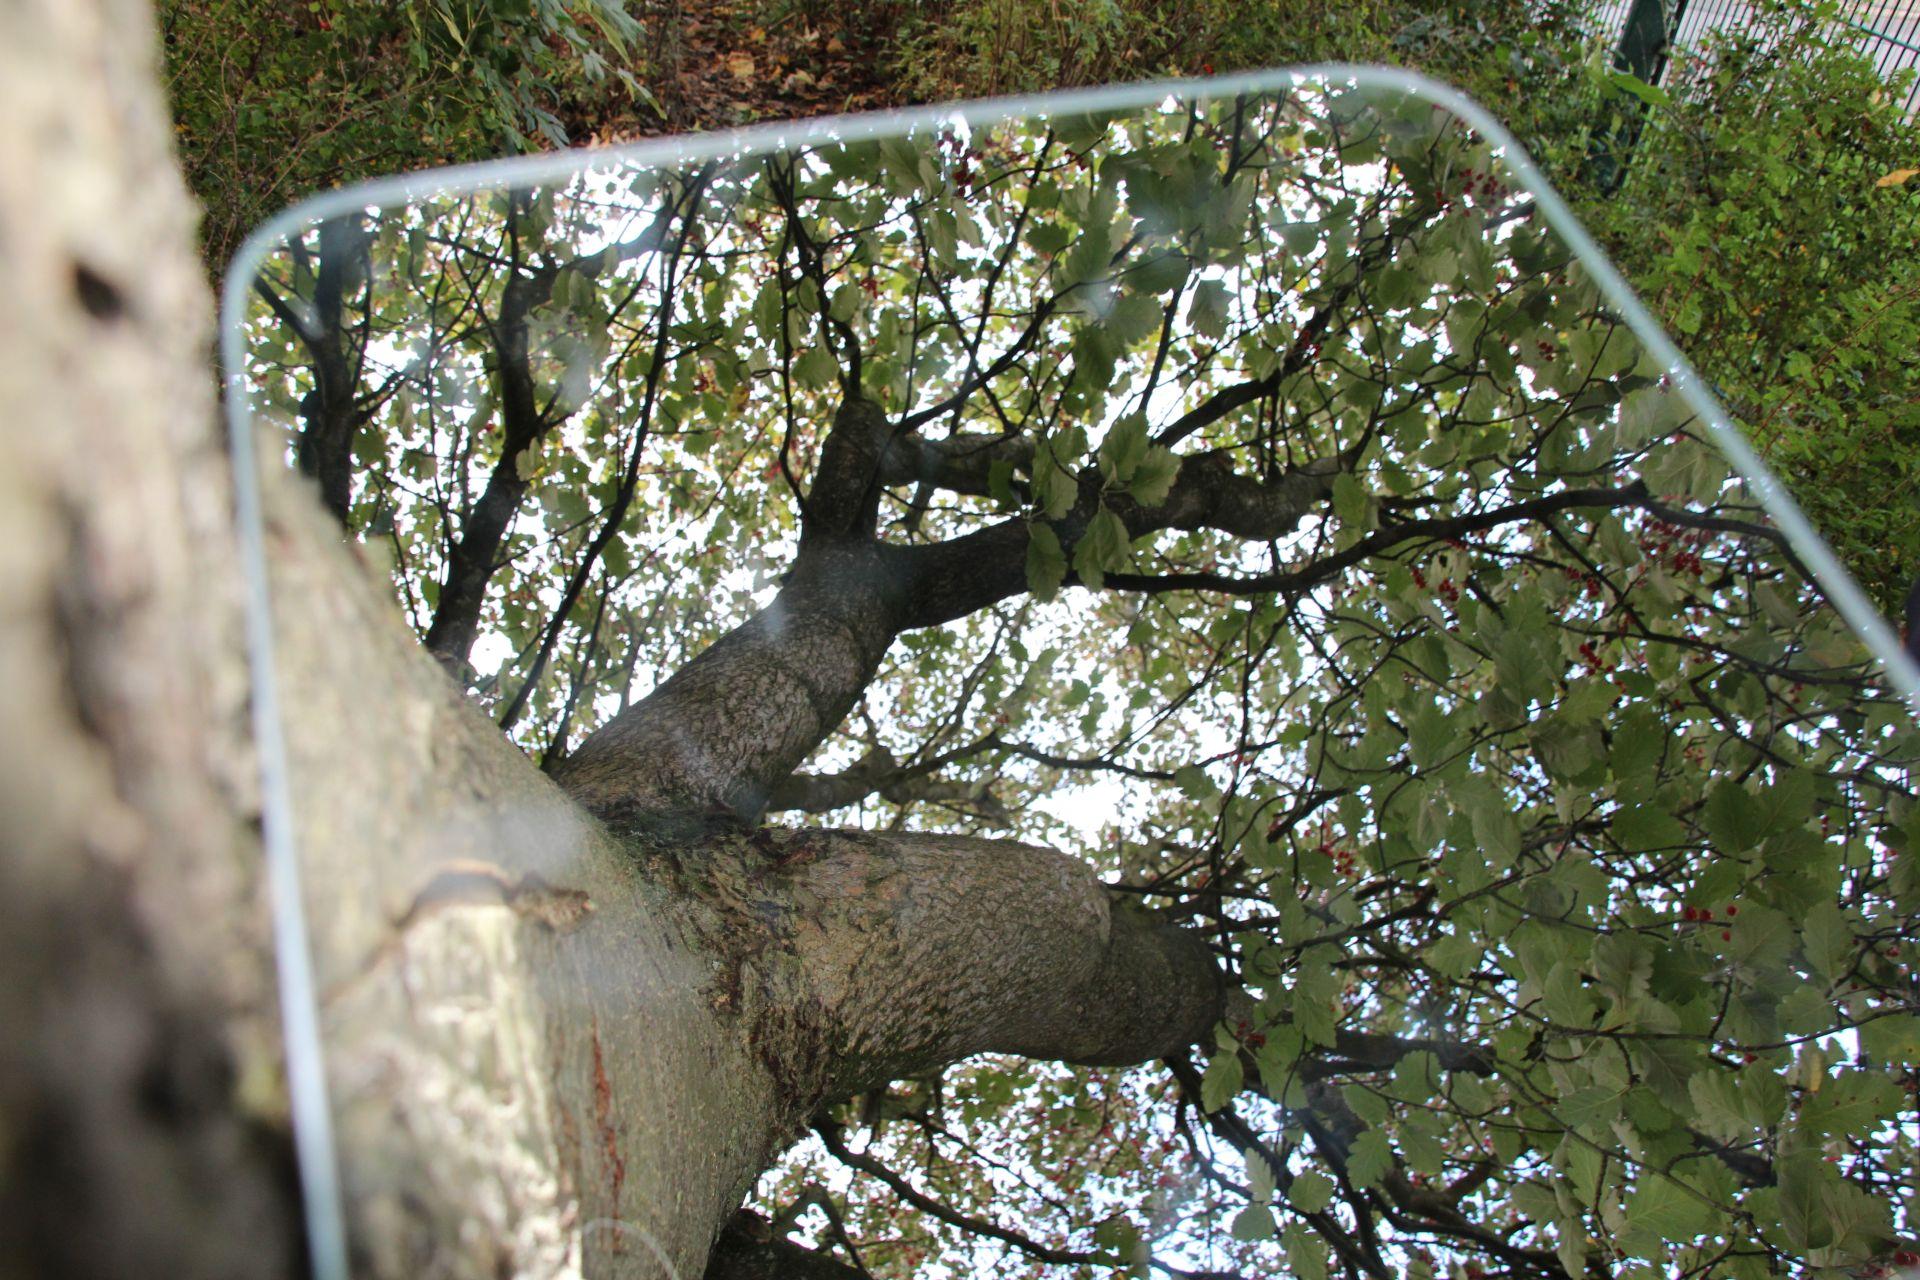 Ein Baum von unten Fotografiert, mit vieln Ästen und Blättern